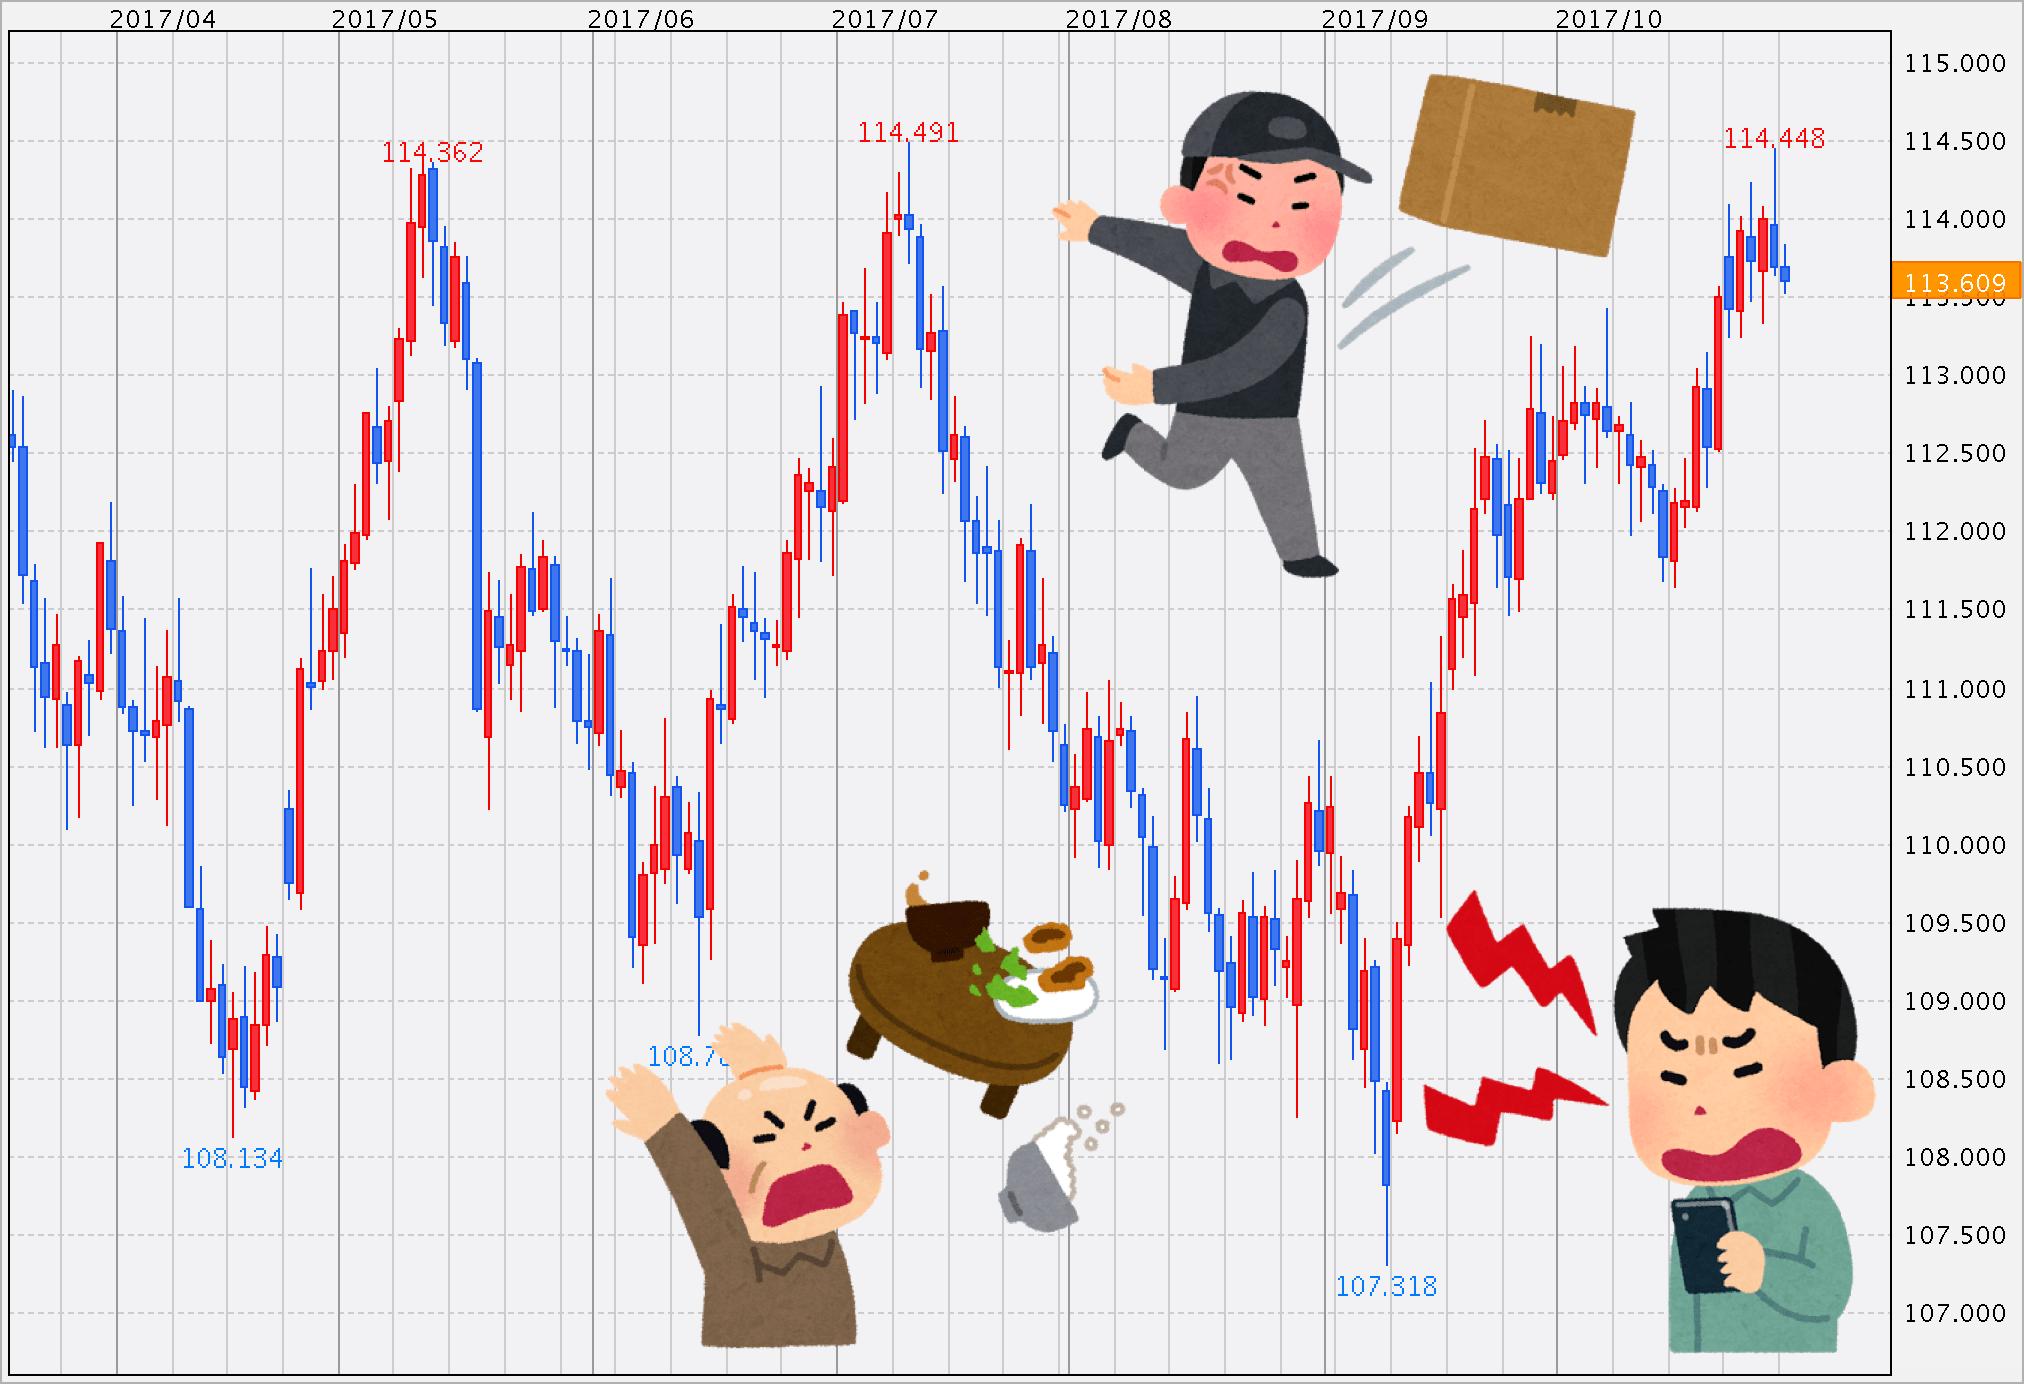 【黒田】明日の日銀金融政策決定会合の見どころは?【10月30日の為替相場ポイント&経済指標まとめ】